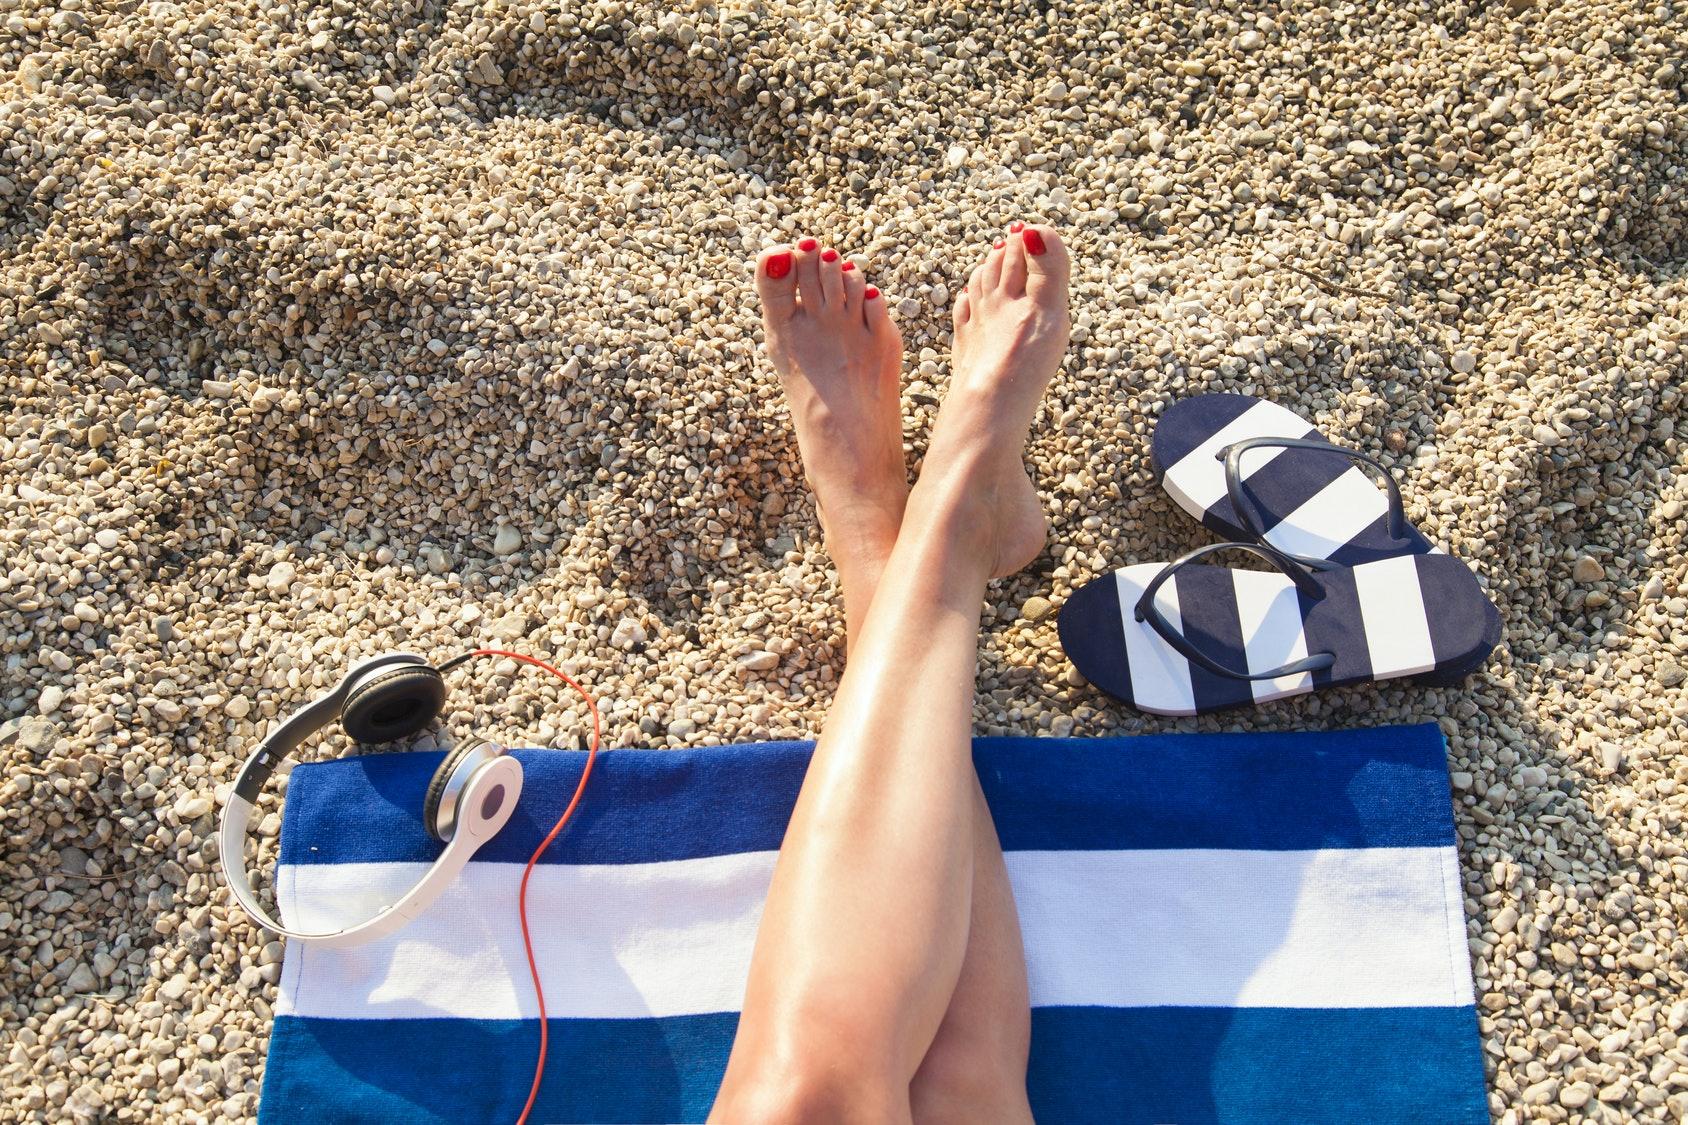 For Shoes Blisters9 Hacks Prevent I How Do Summer Sandal ComfySubtle 2YEH9WDI